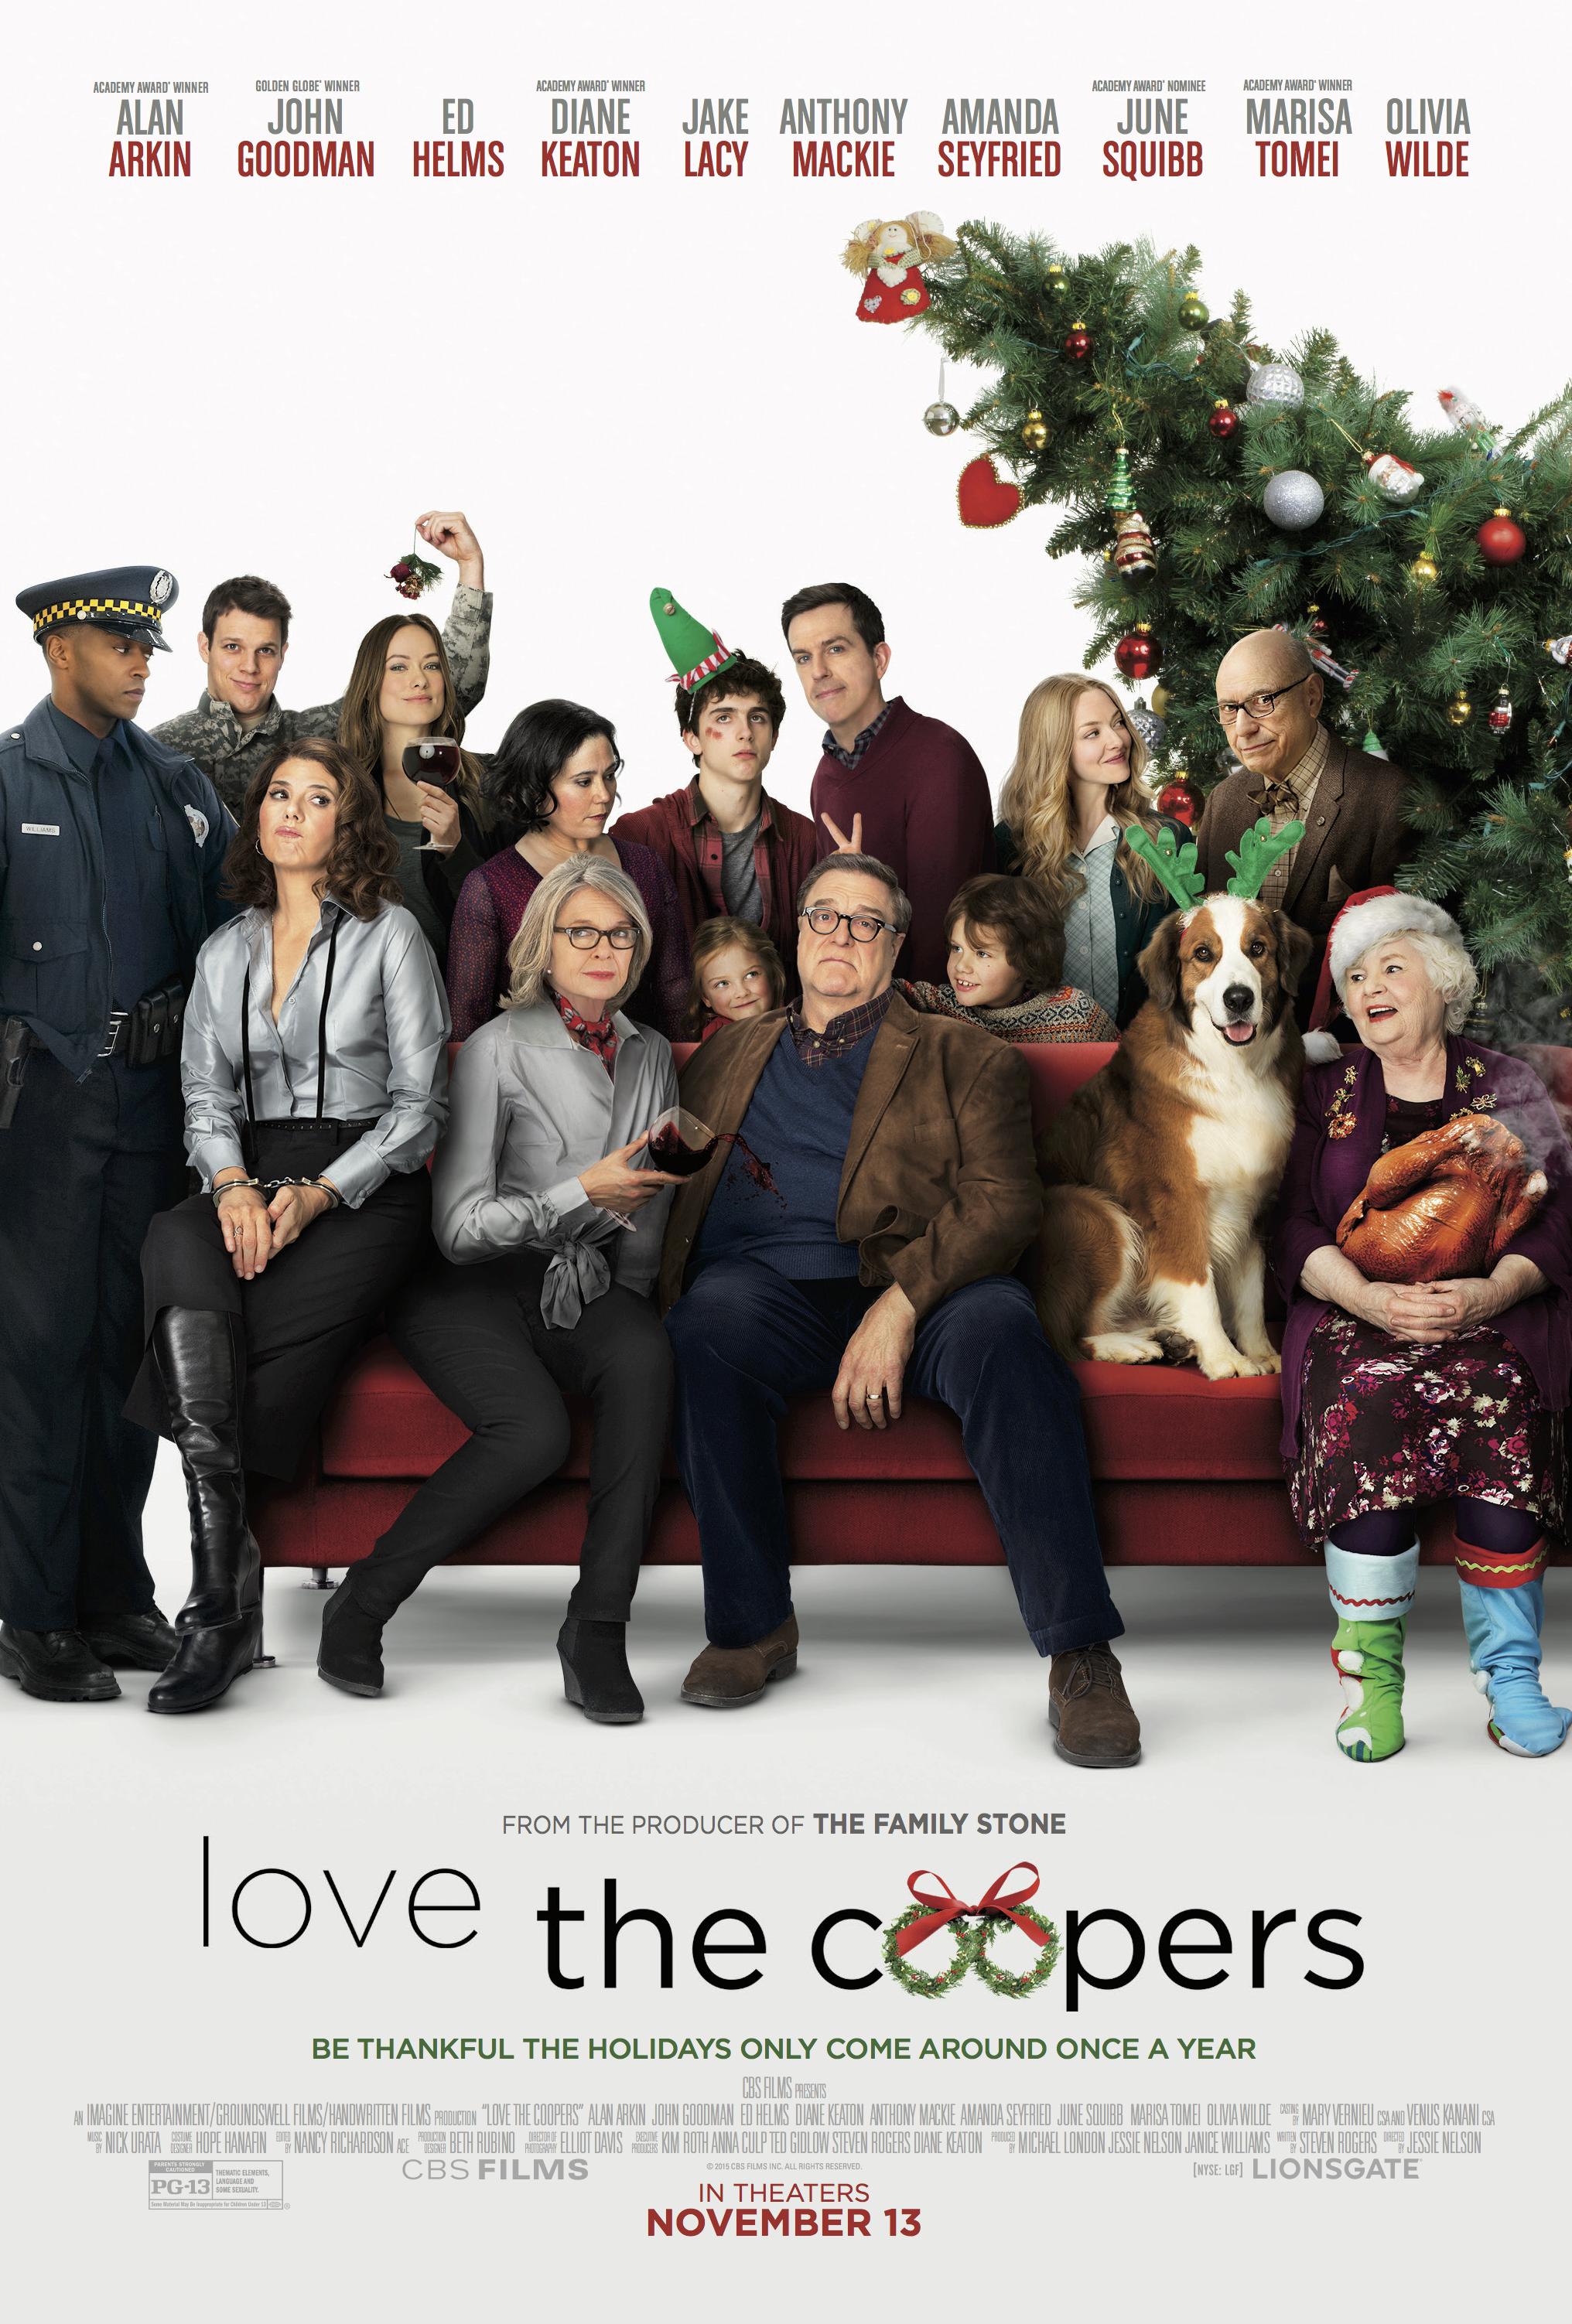 دانلود فیلم عشق در خانواده کوپر Love the Coopers دوبله فارسی